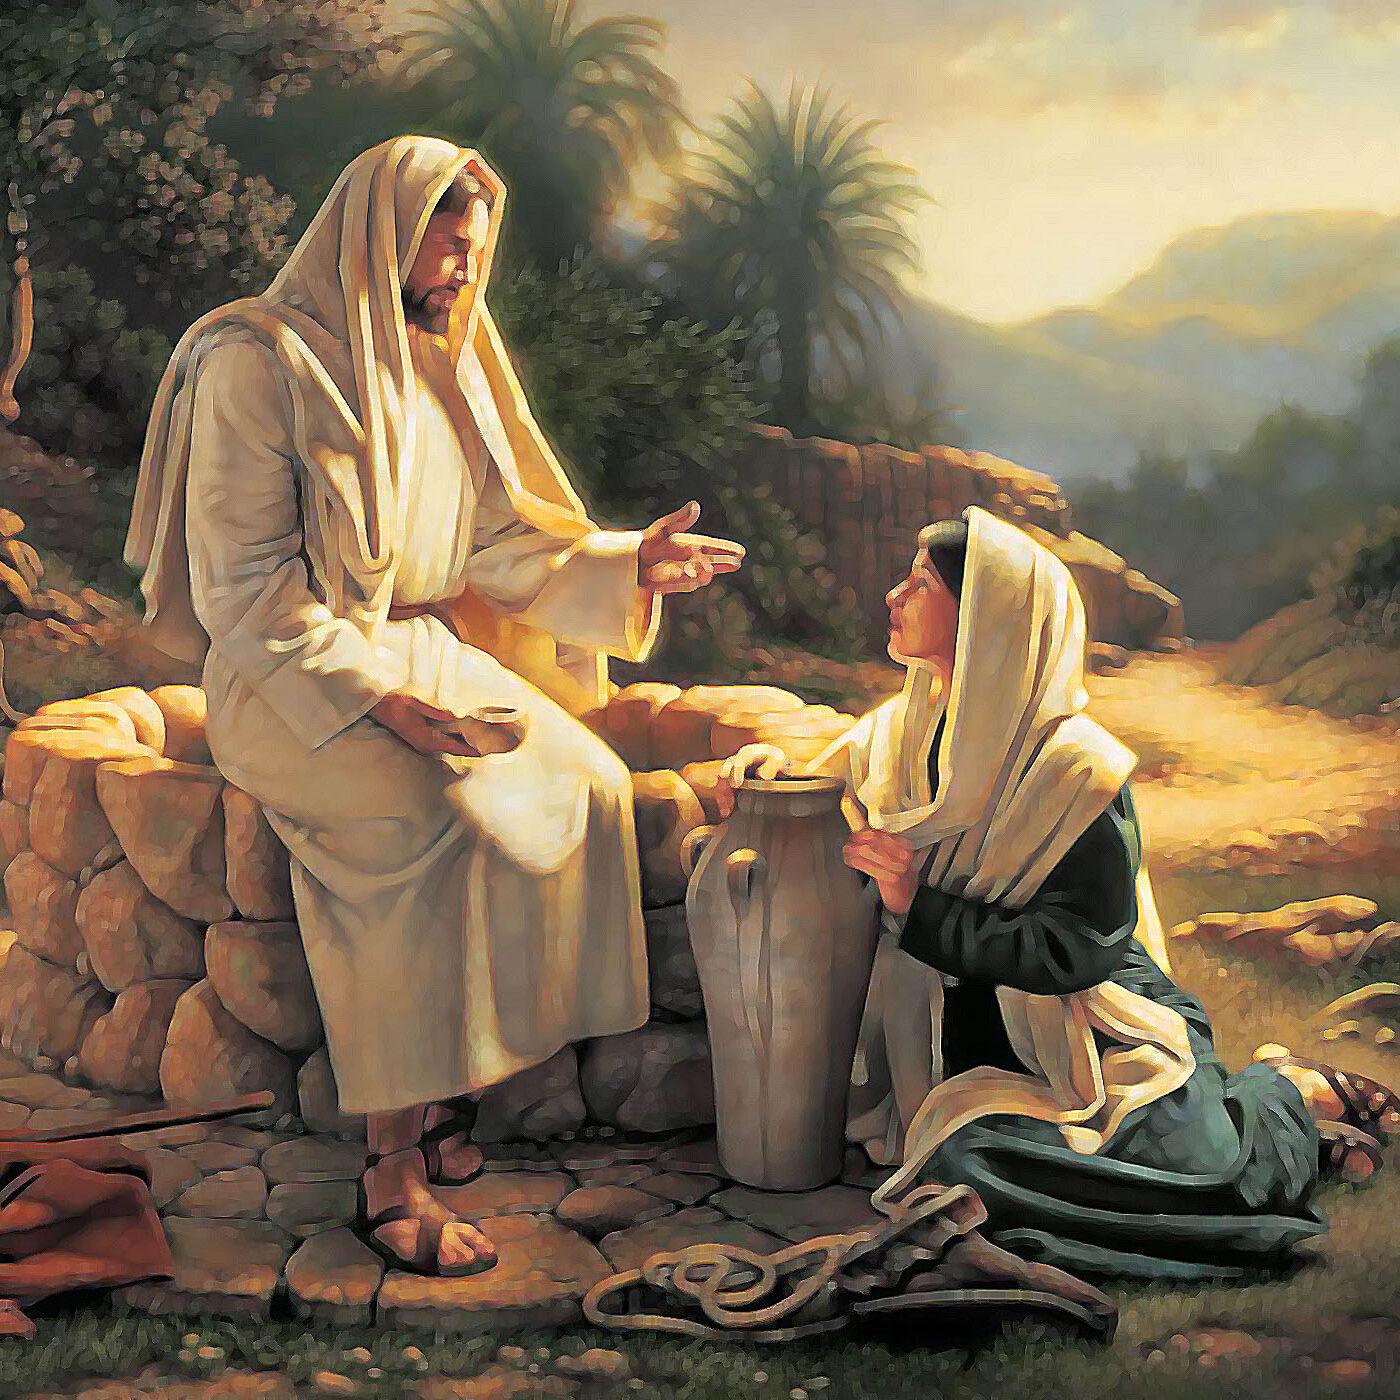 riflessioni sul Vangelo di Lunedì 3 Maggio 2021 (Gv 14, 6-14)